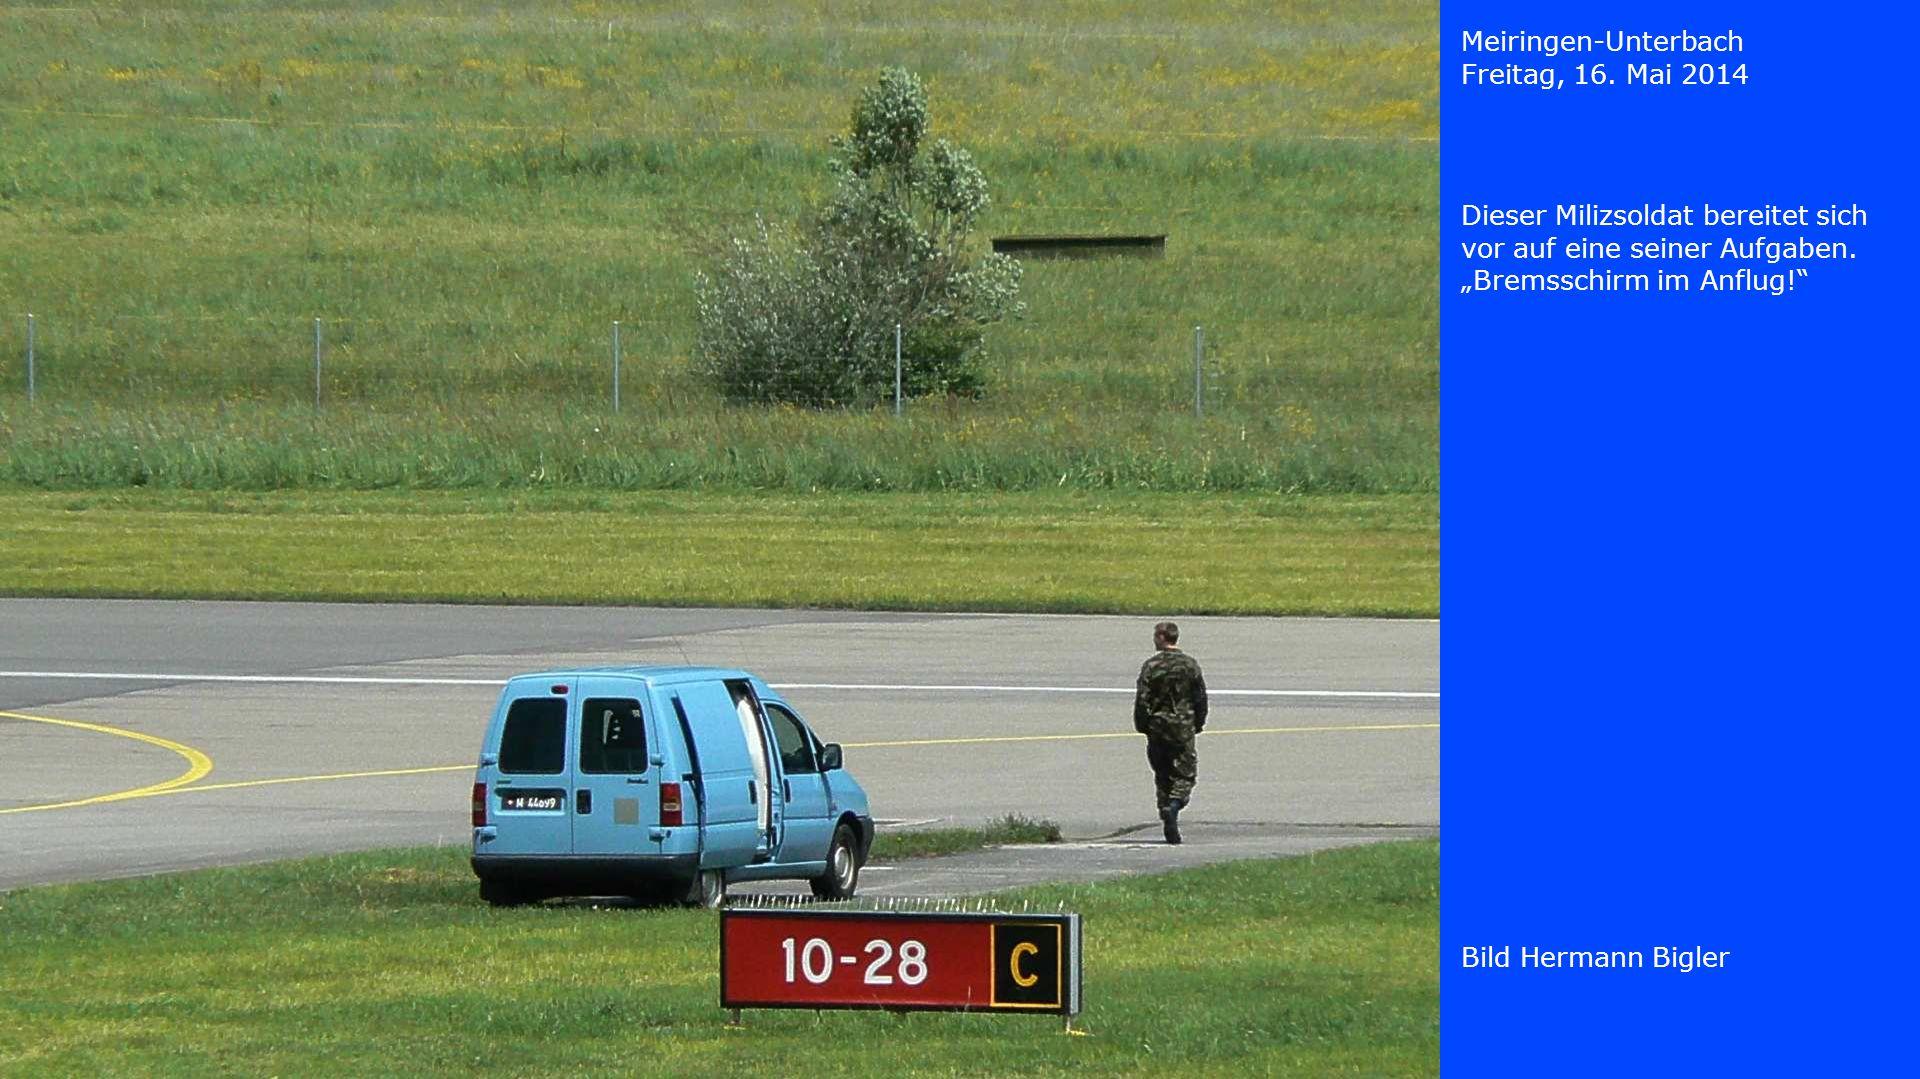 Meiringen-Unterbach Freitag, 16. Mai 2014. Dieser Milizsoldat bereitet sich vor auf eine seiner Aufgaben.